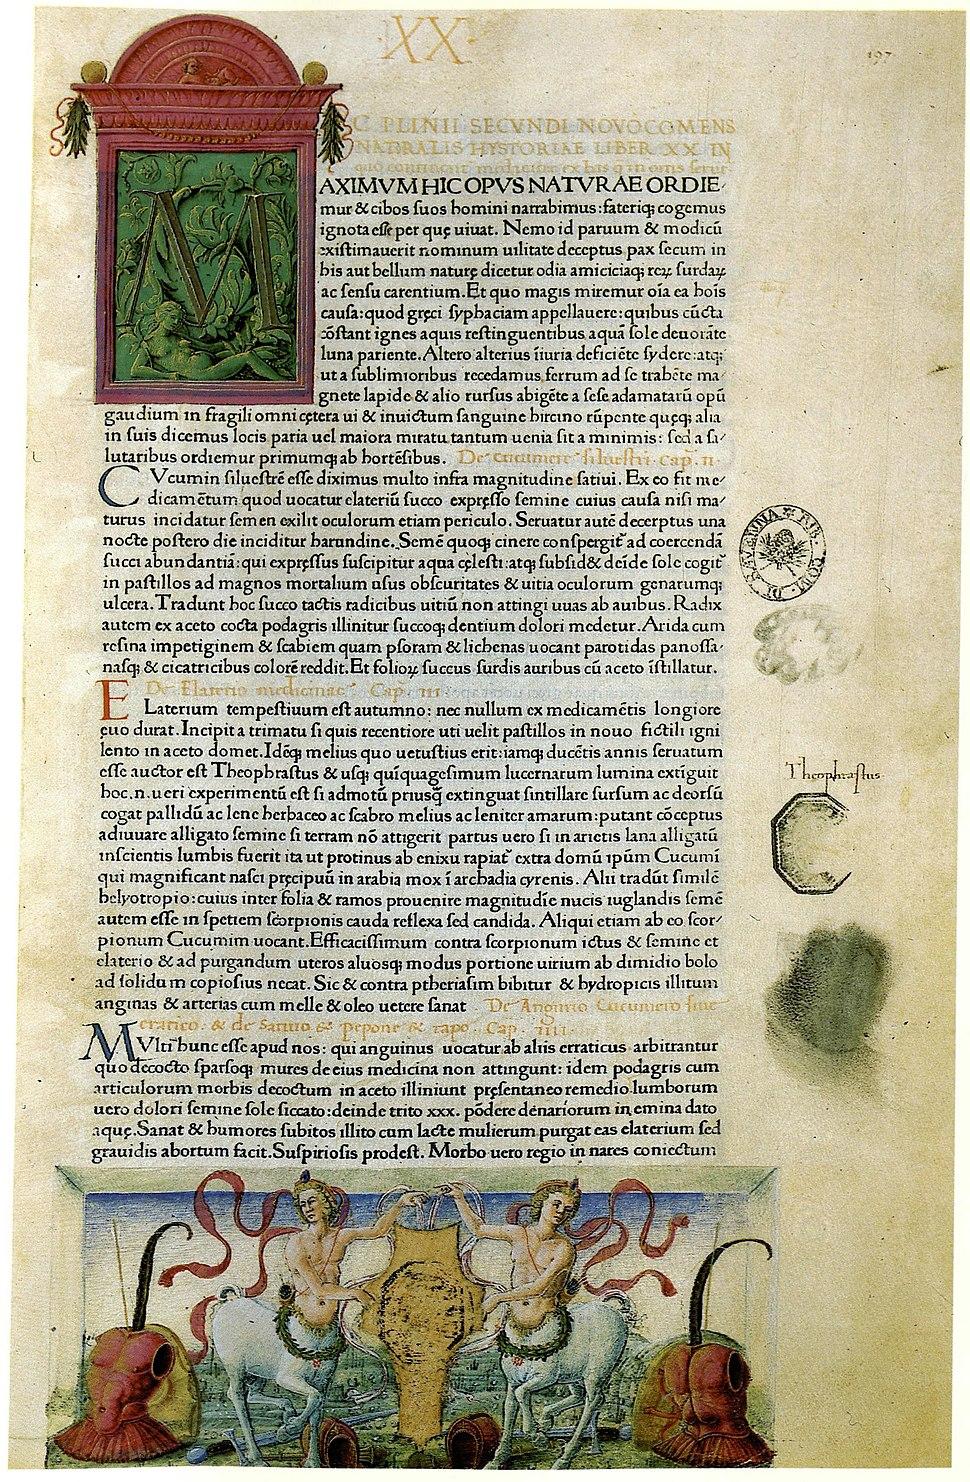 Plinius, Naturalis historia, incunable, 1469